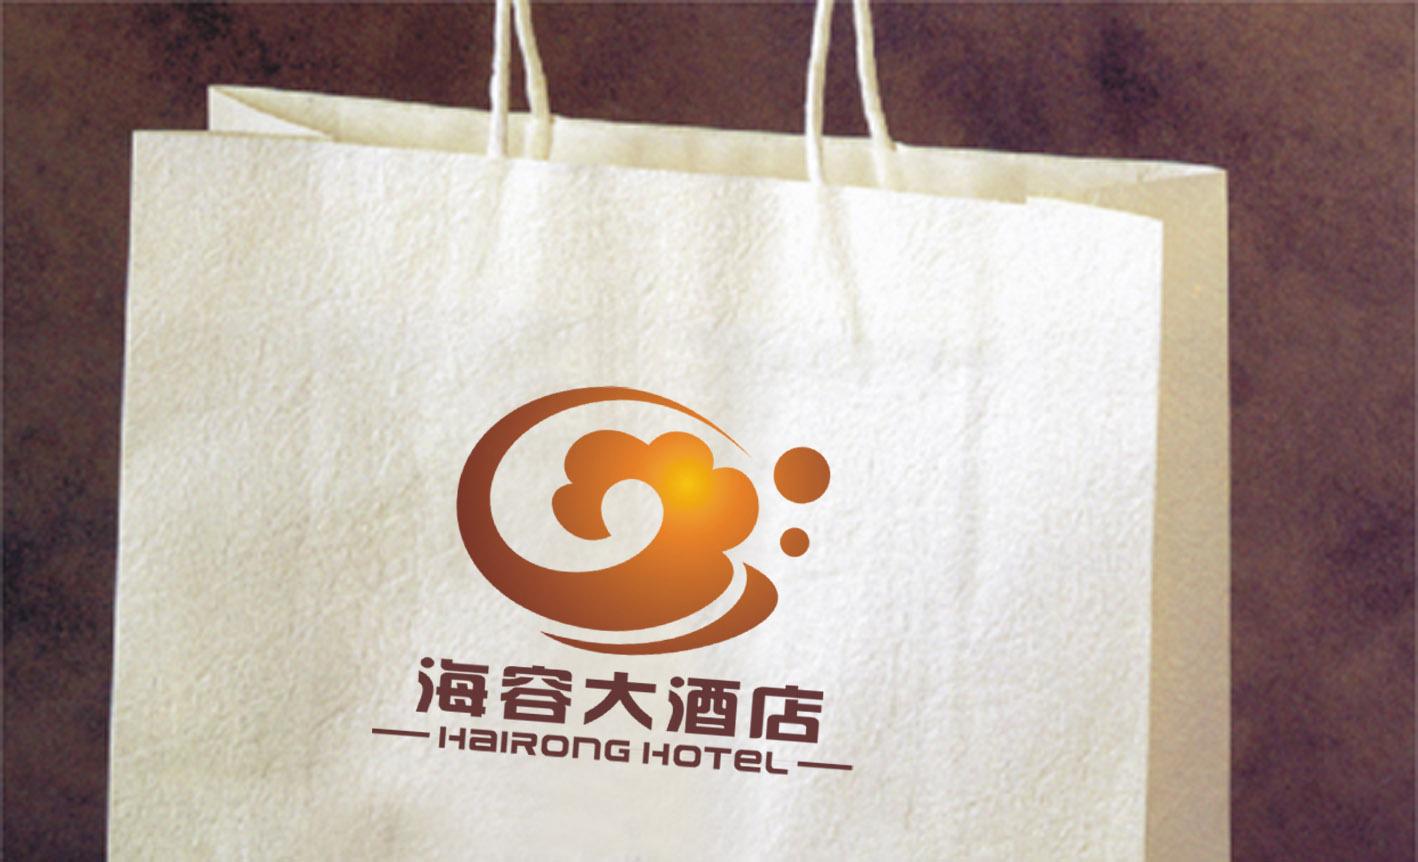 海容大酒店LOGOVI設計-5